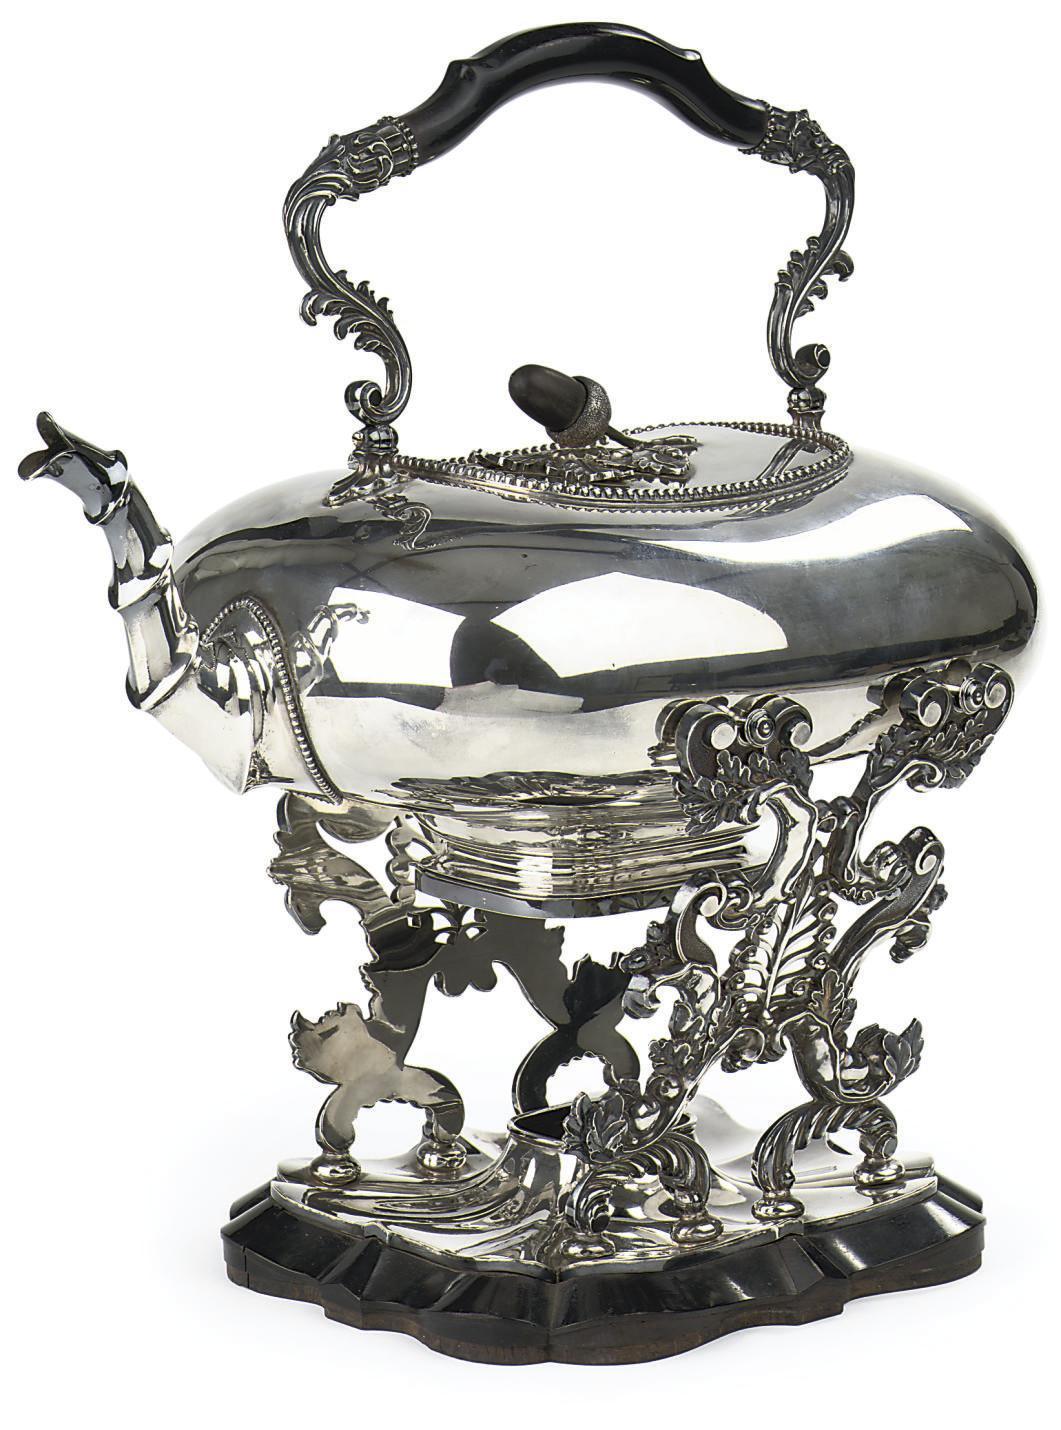 A Dutch silver tea-kettle and